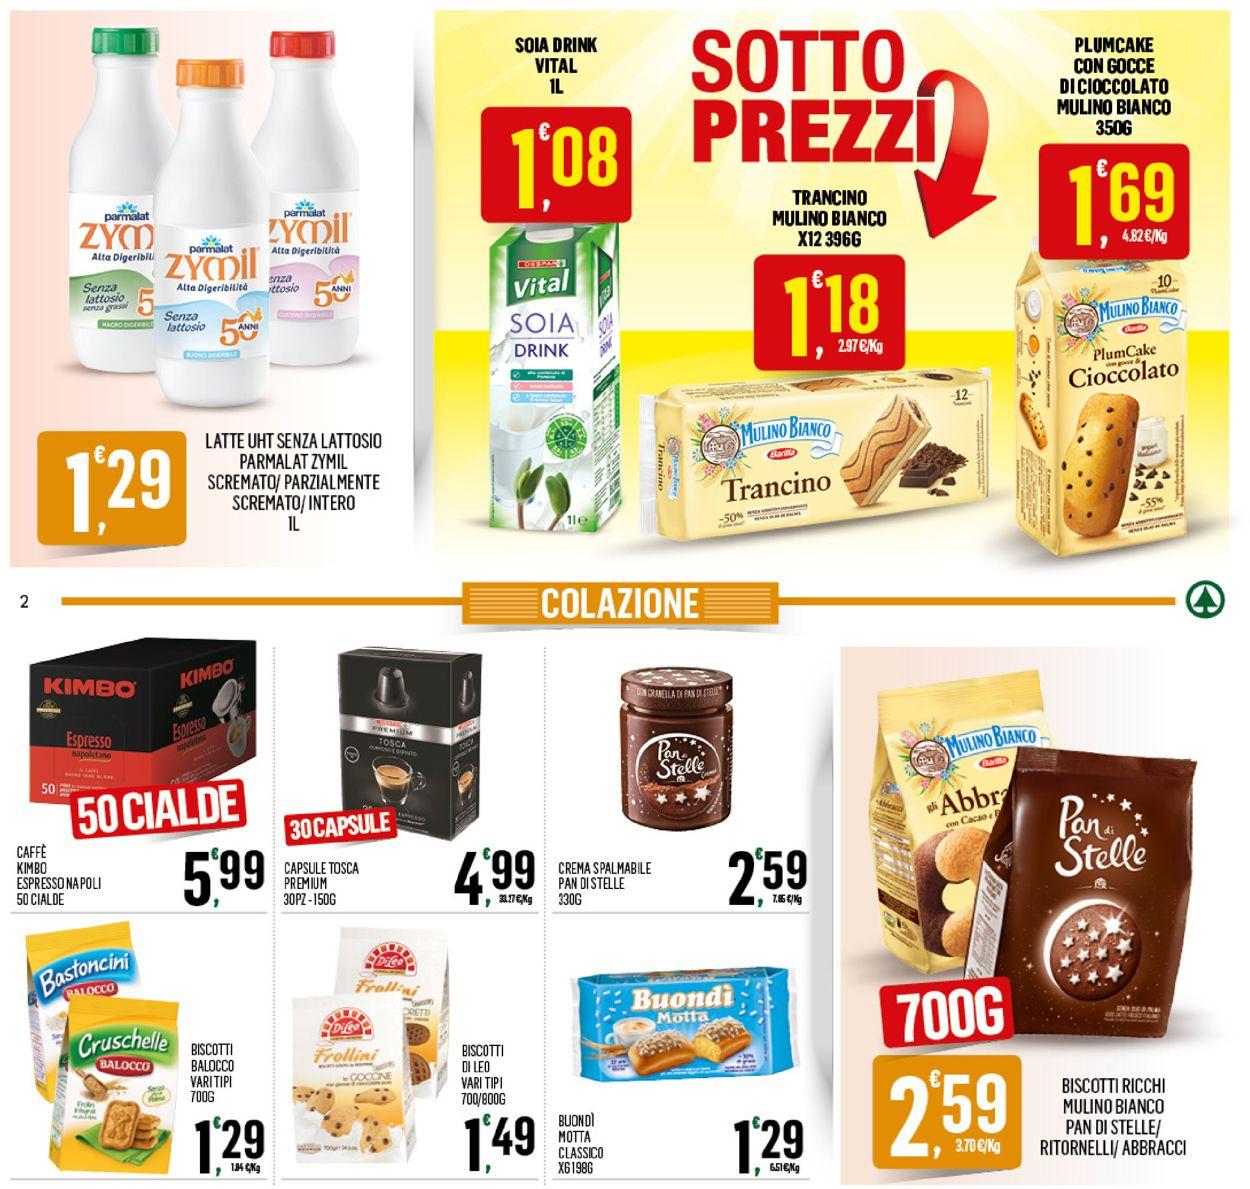 Volantino Despar - Offerte 26/08-03/09/2020 (Pagina 2)